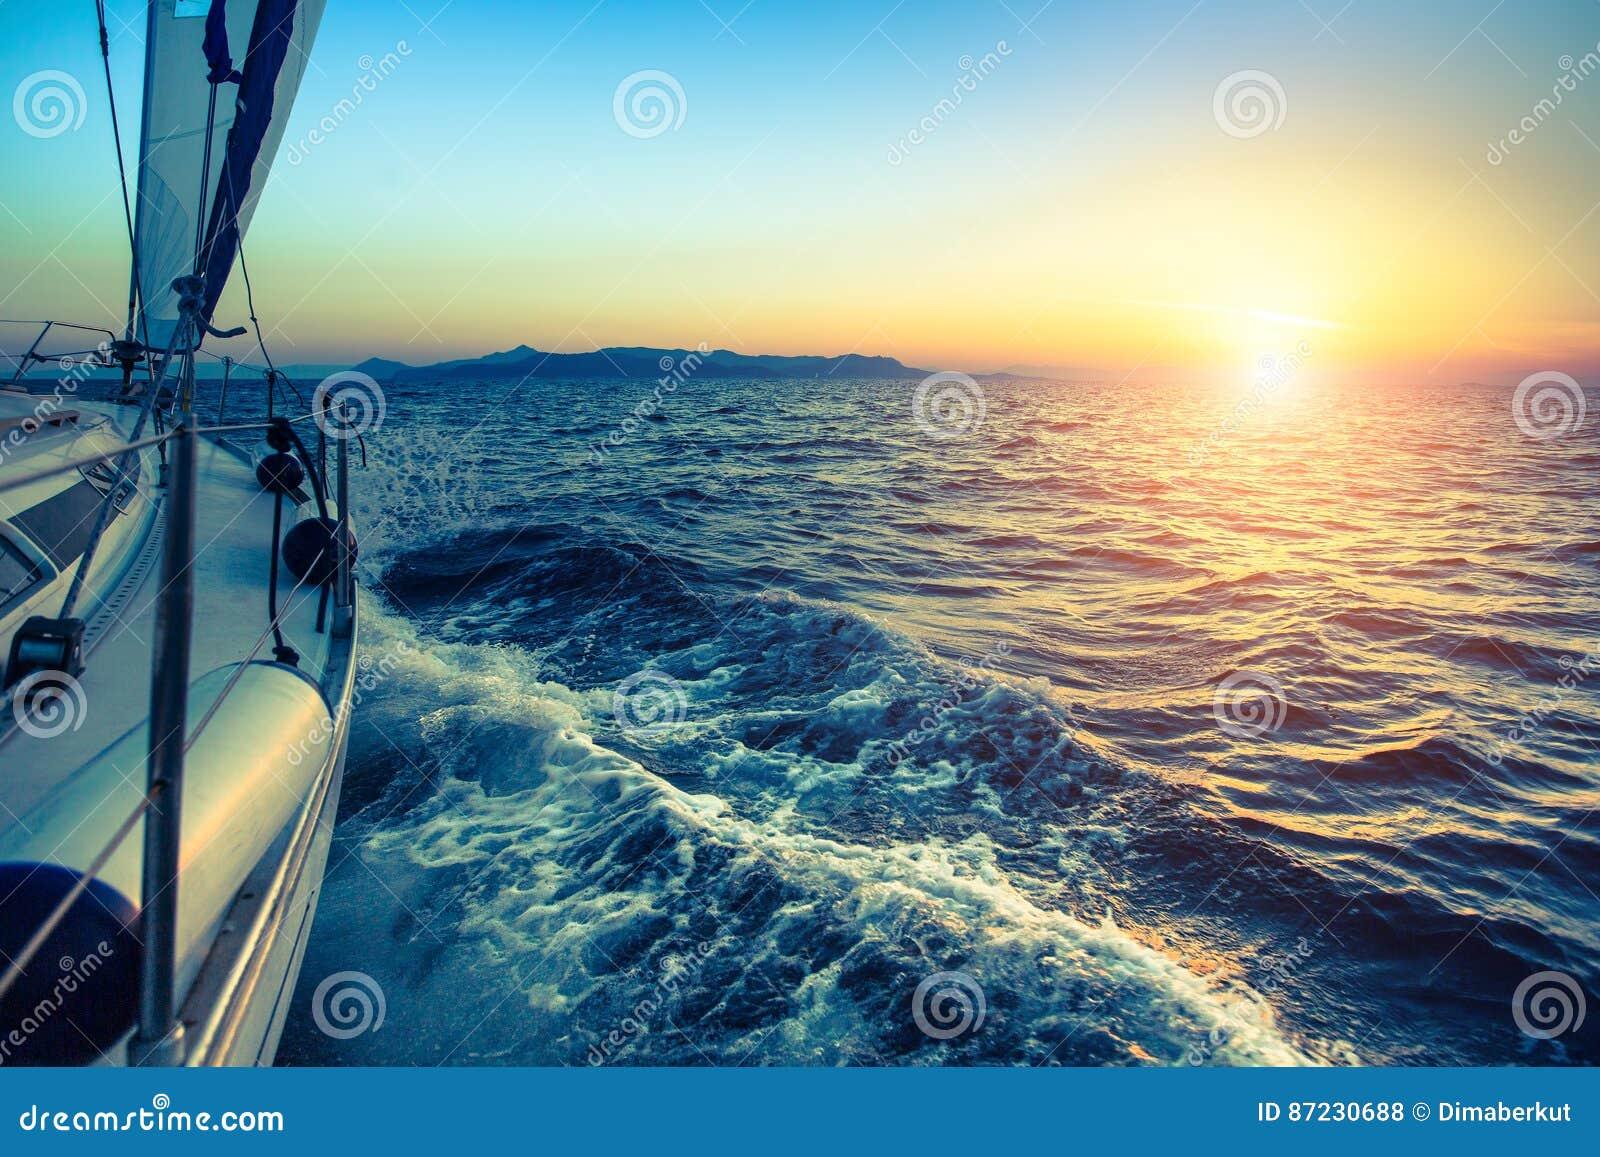 Barco na regata da navigação durante o por do sol nave